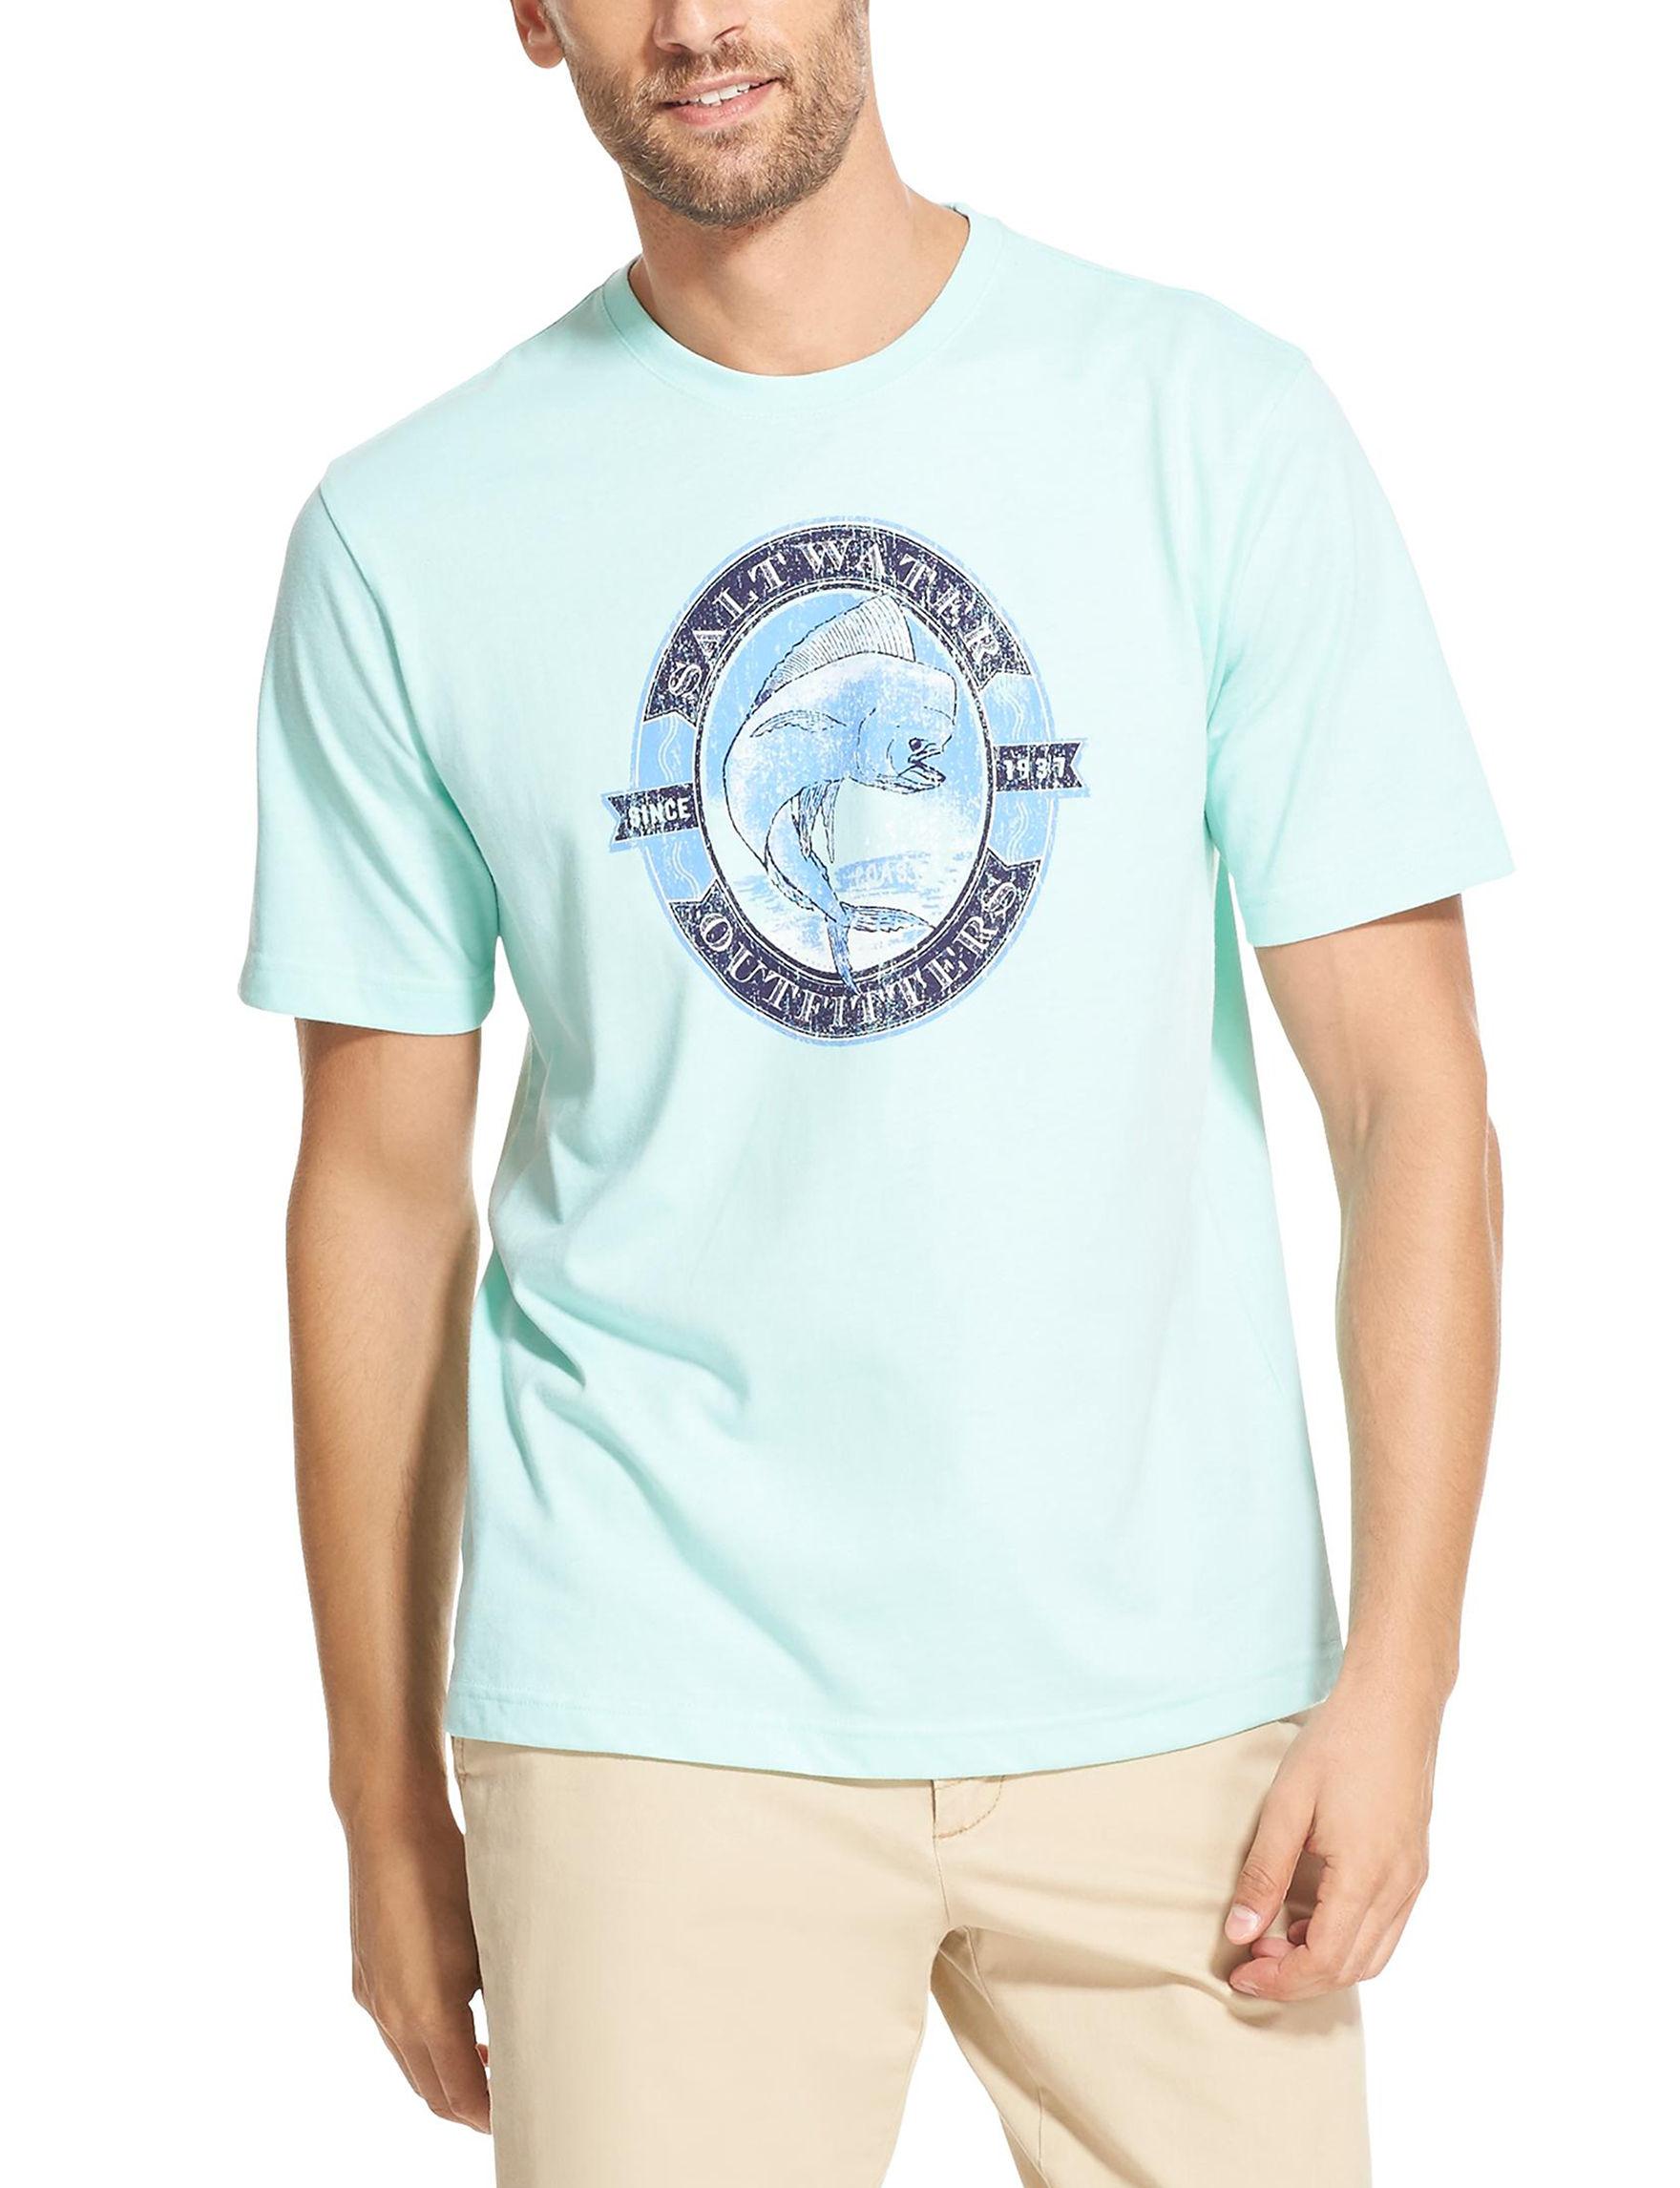 Izod Surfer Blue Tees & Tanks